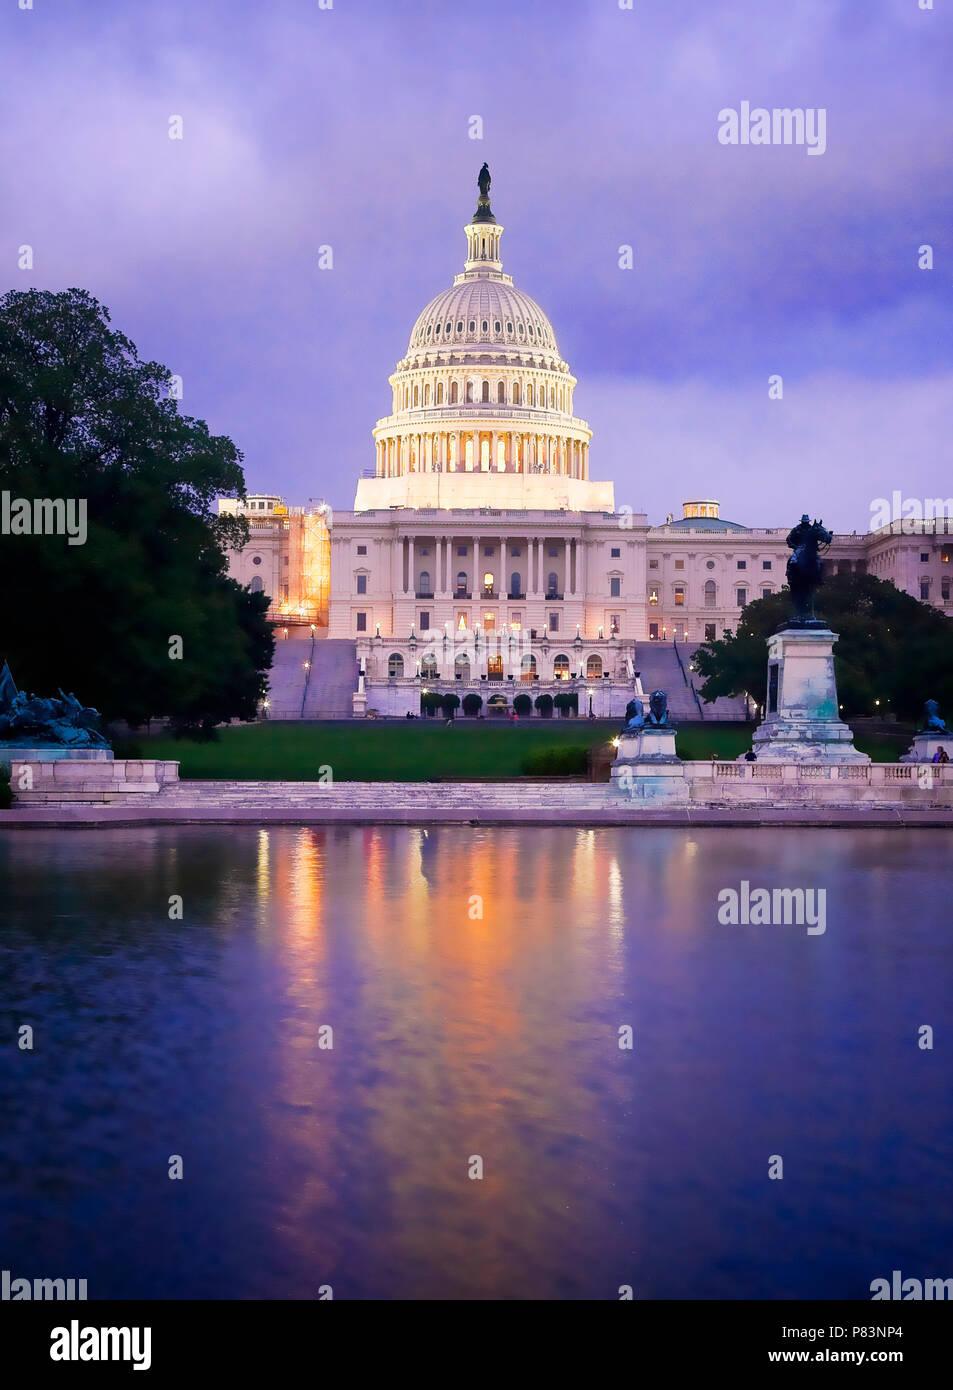 Le bâtiment du Capitole, qui abrite le Sénat et la Chambre des représentants des États-Unis sur le National Mall, Washington DC. Banque D'Images